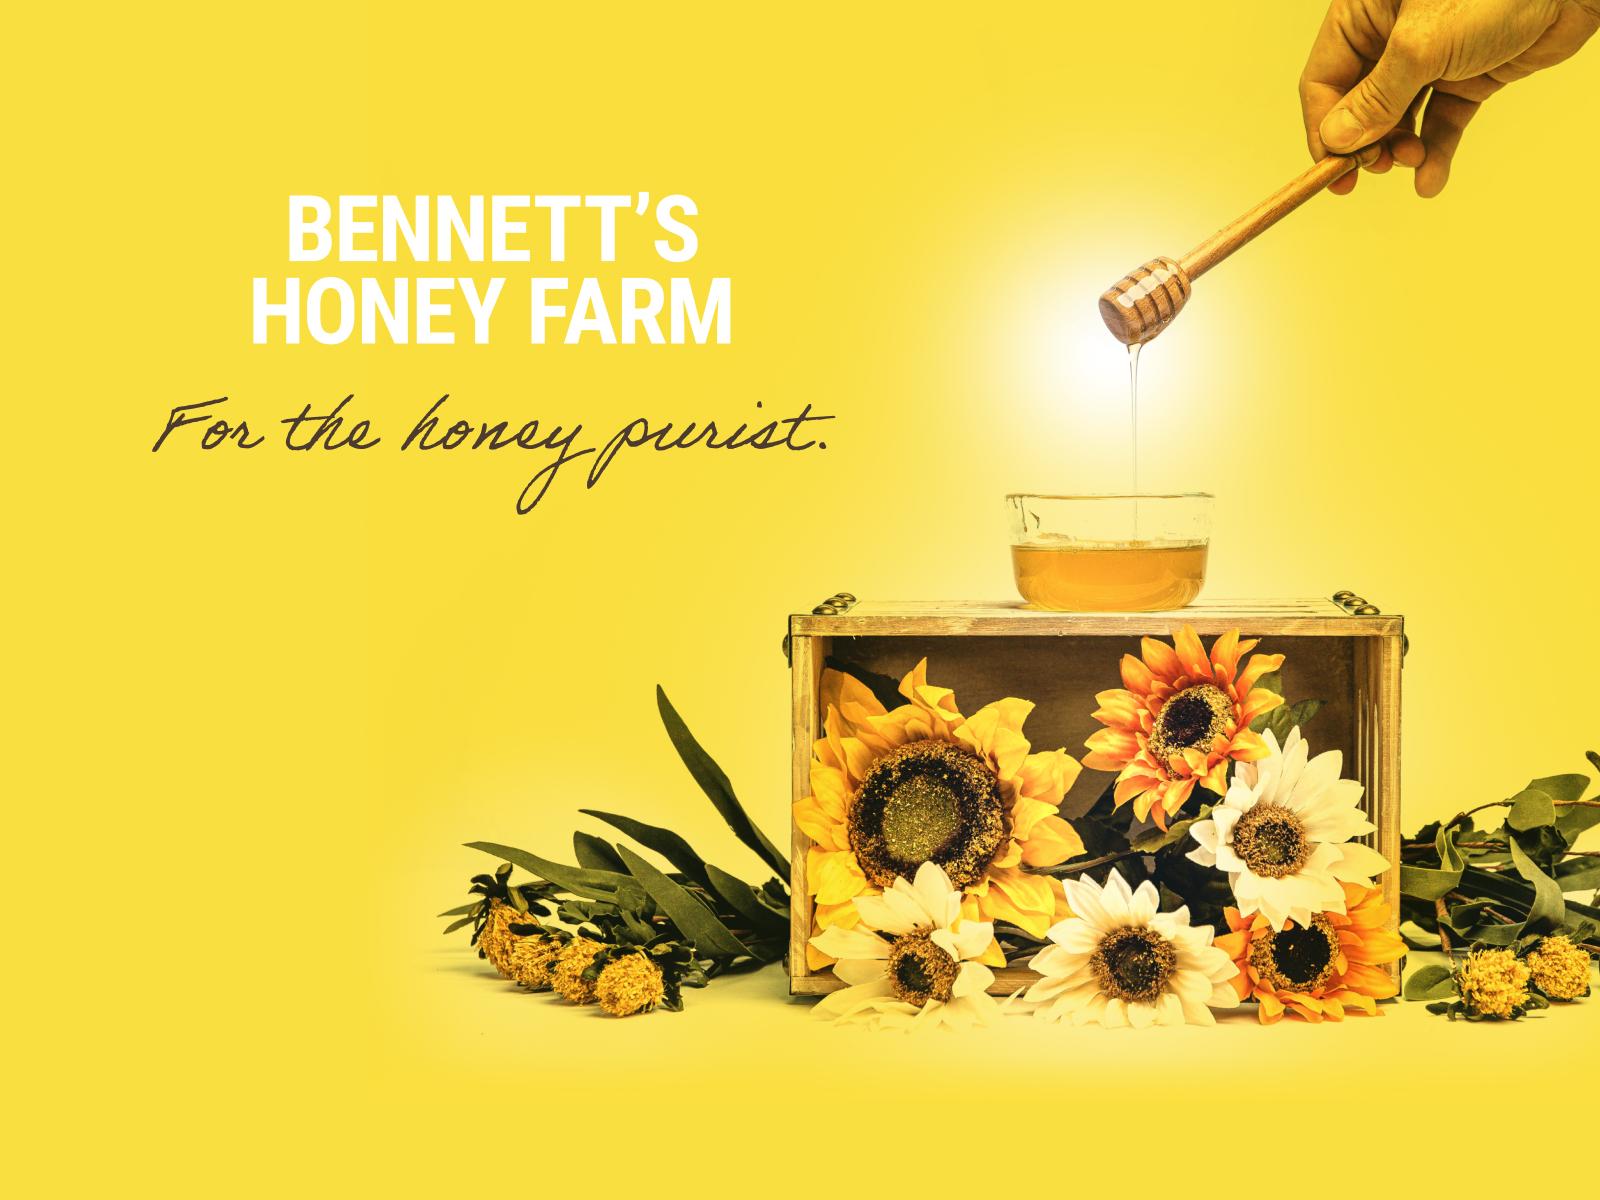 Bennett's Honey